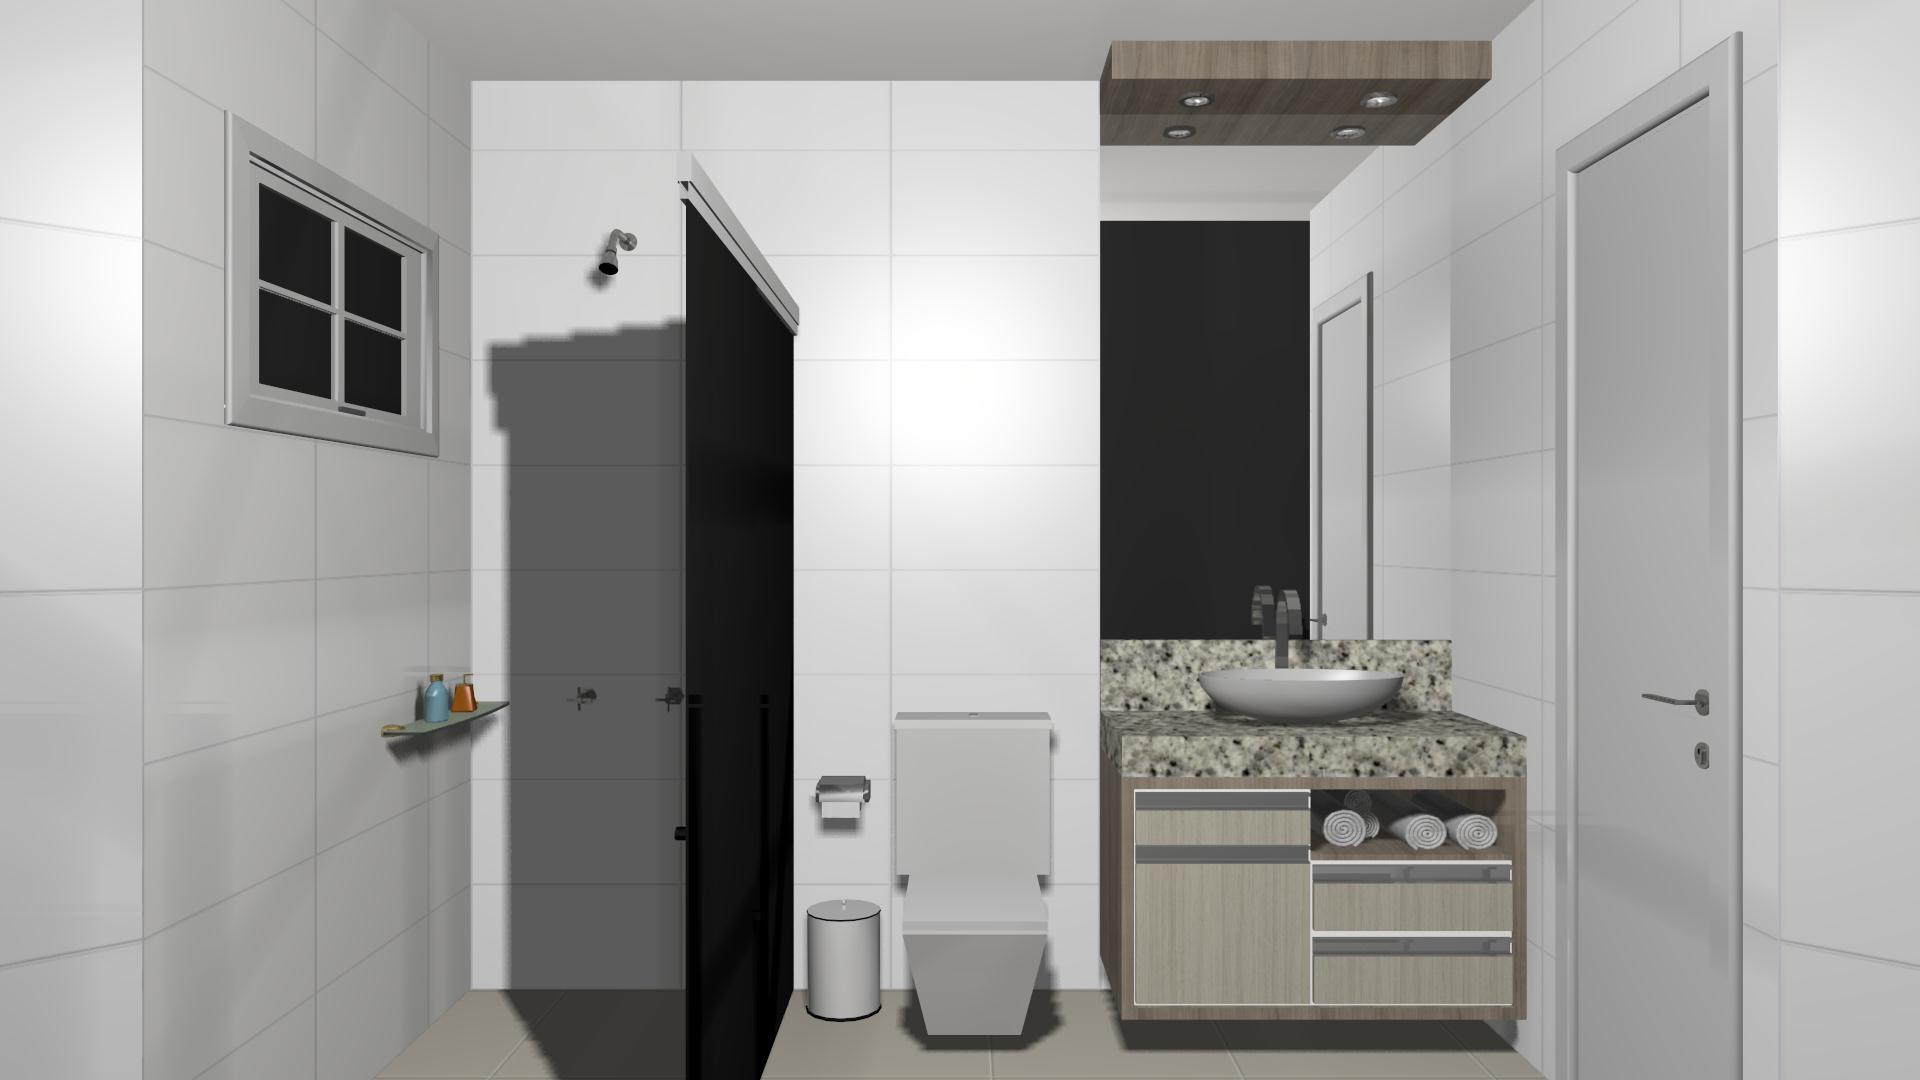 Projeto – Banheiro 2 Sul Móveis São Miguel do Iguaçu PR  #546A73 1920 1080